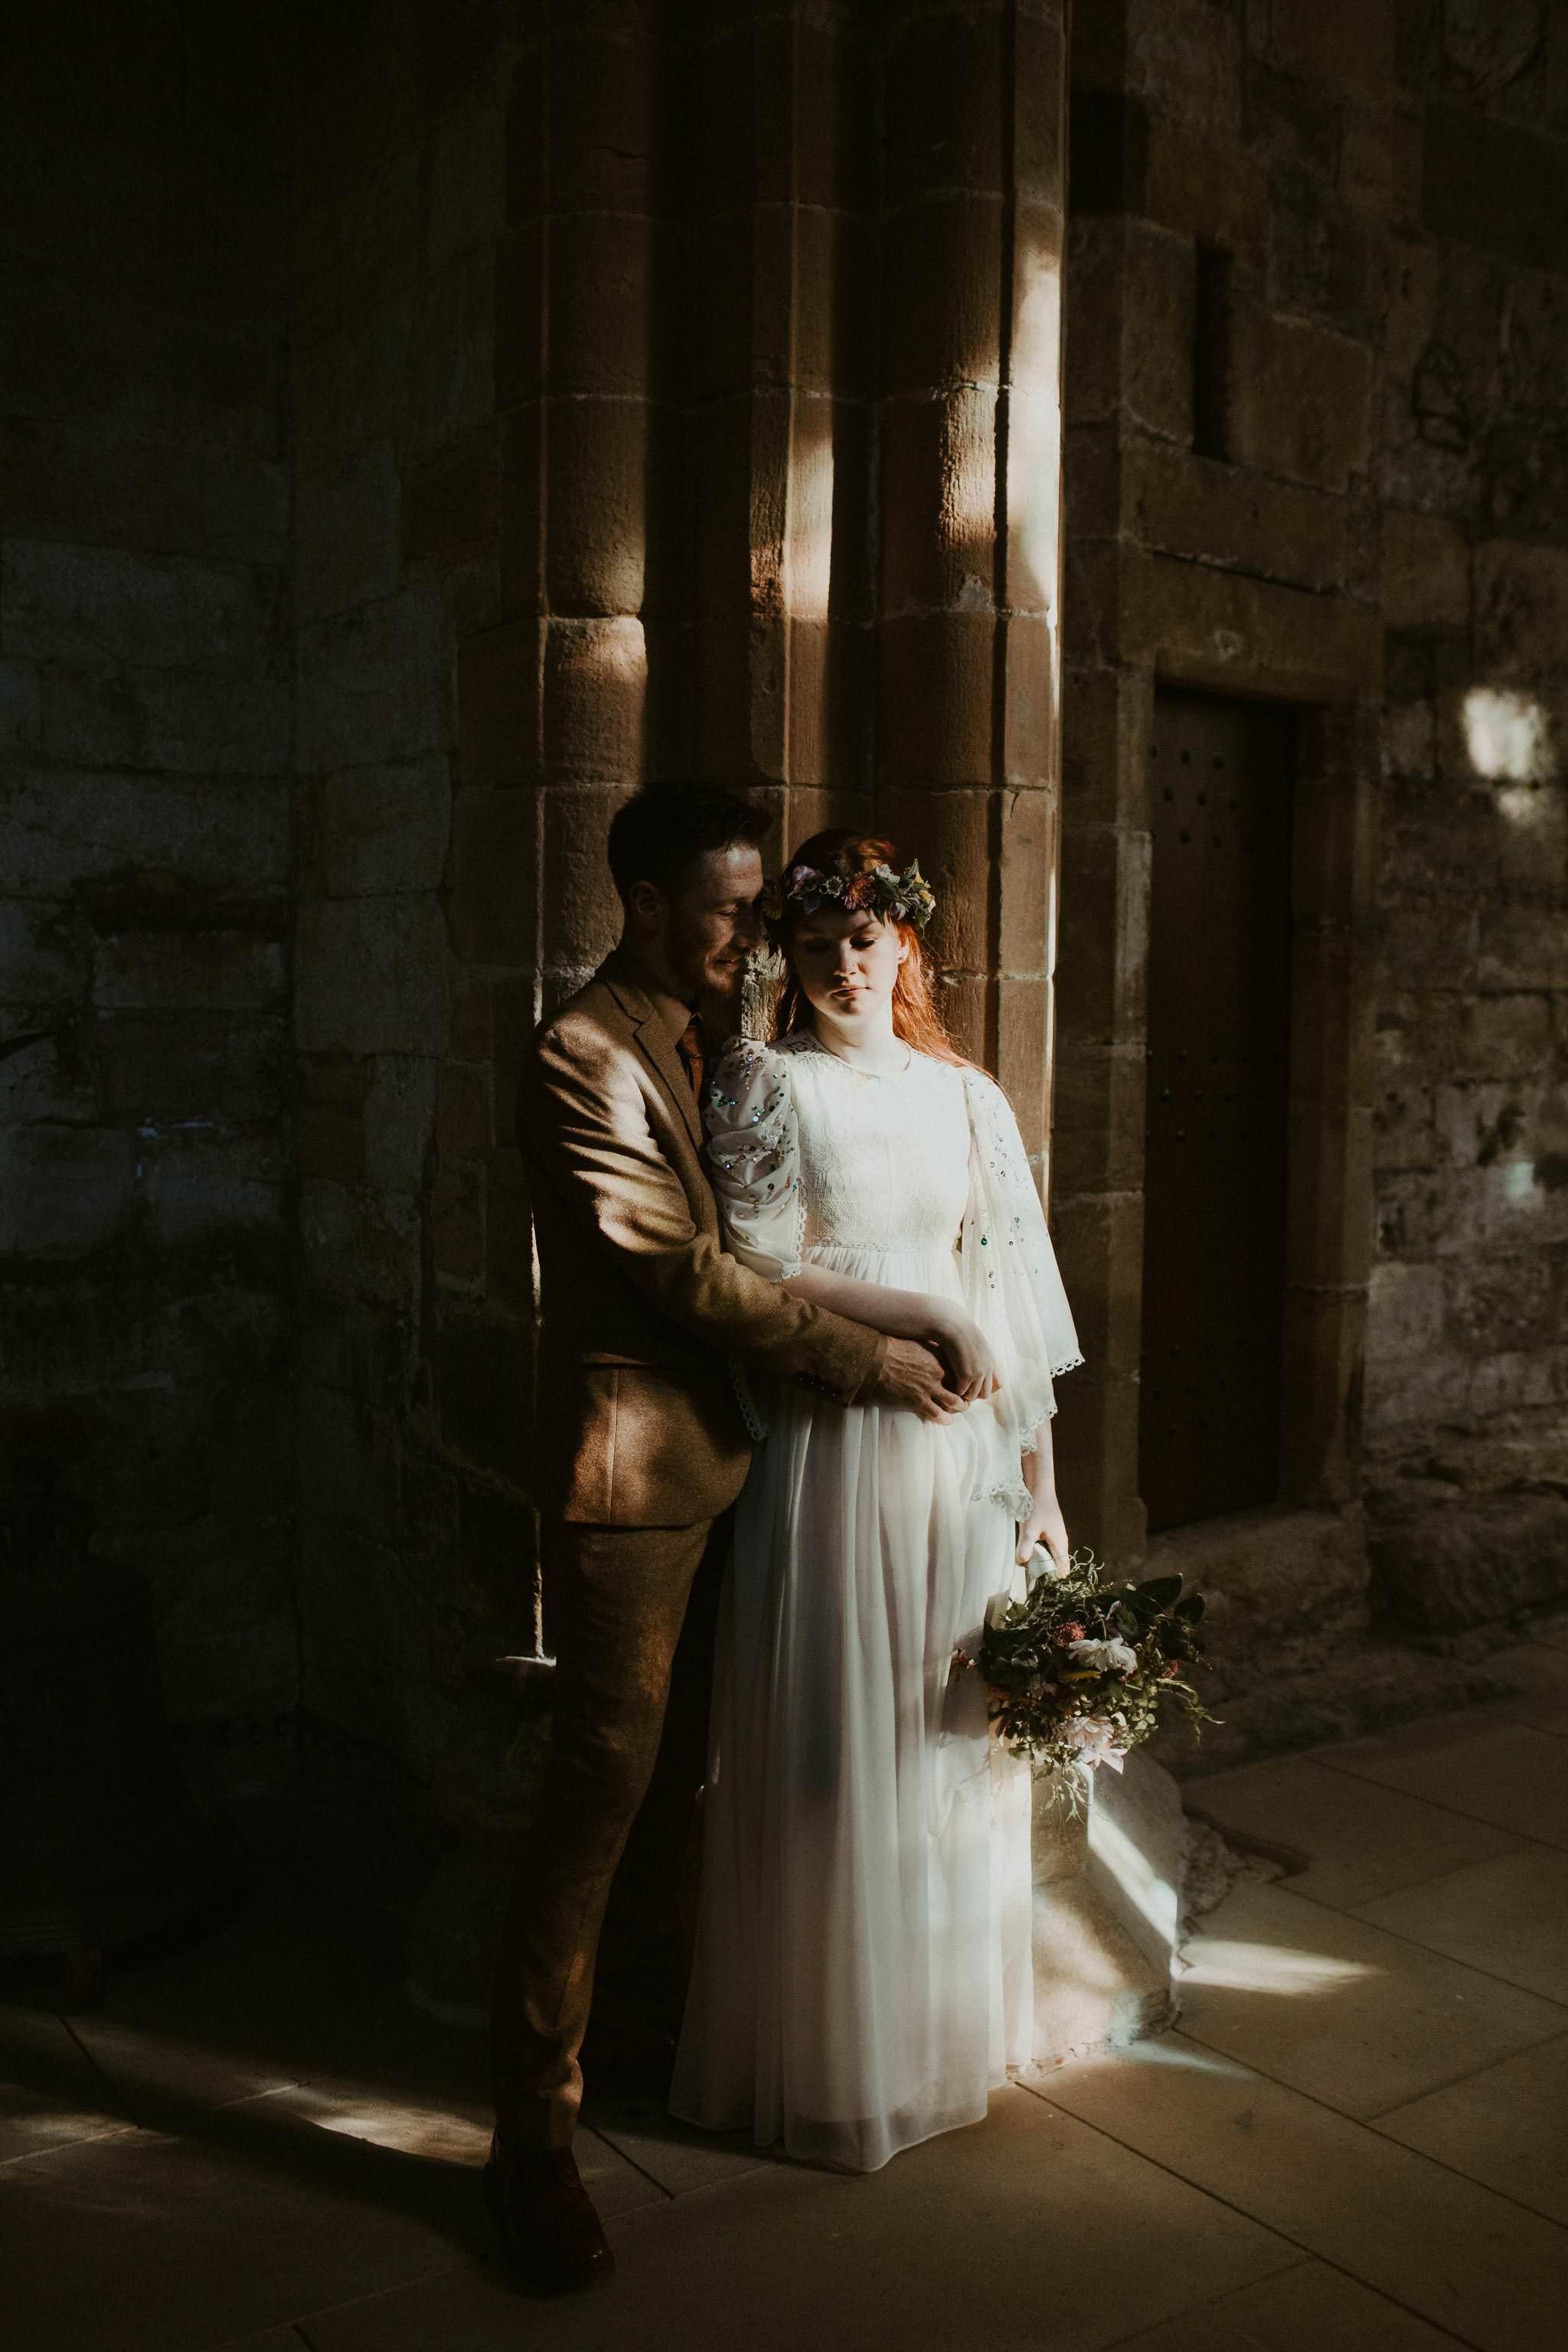 scottish-wedding-photography-092